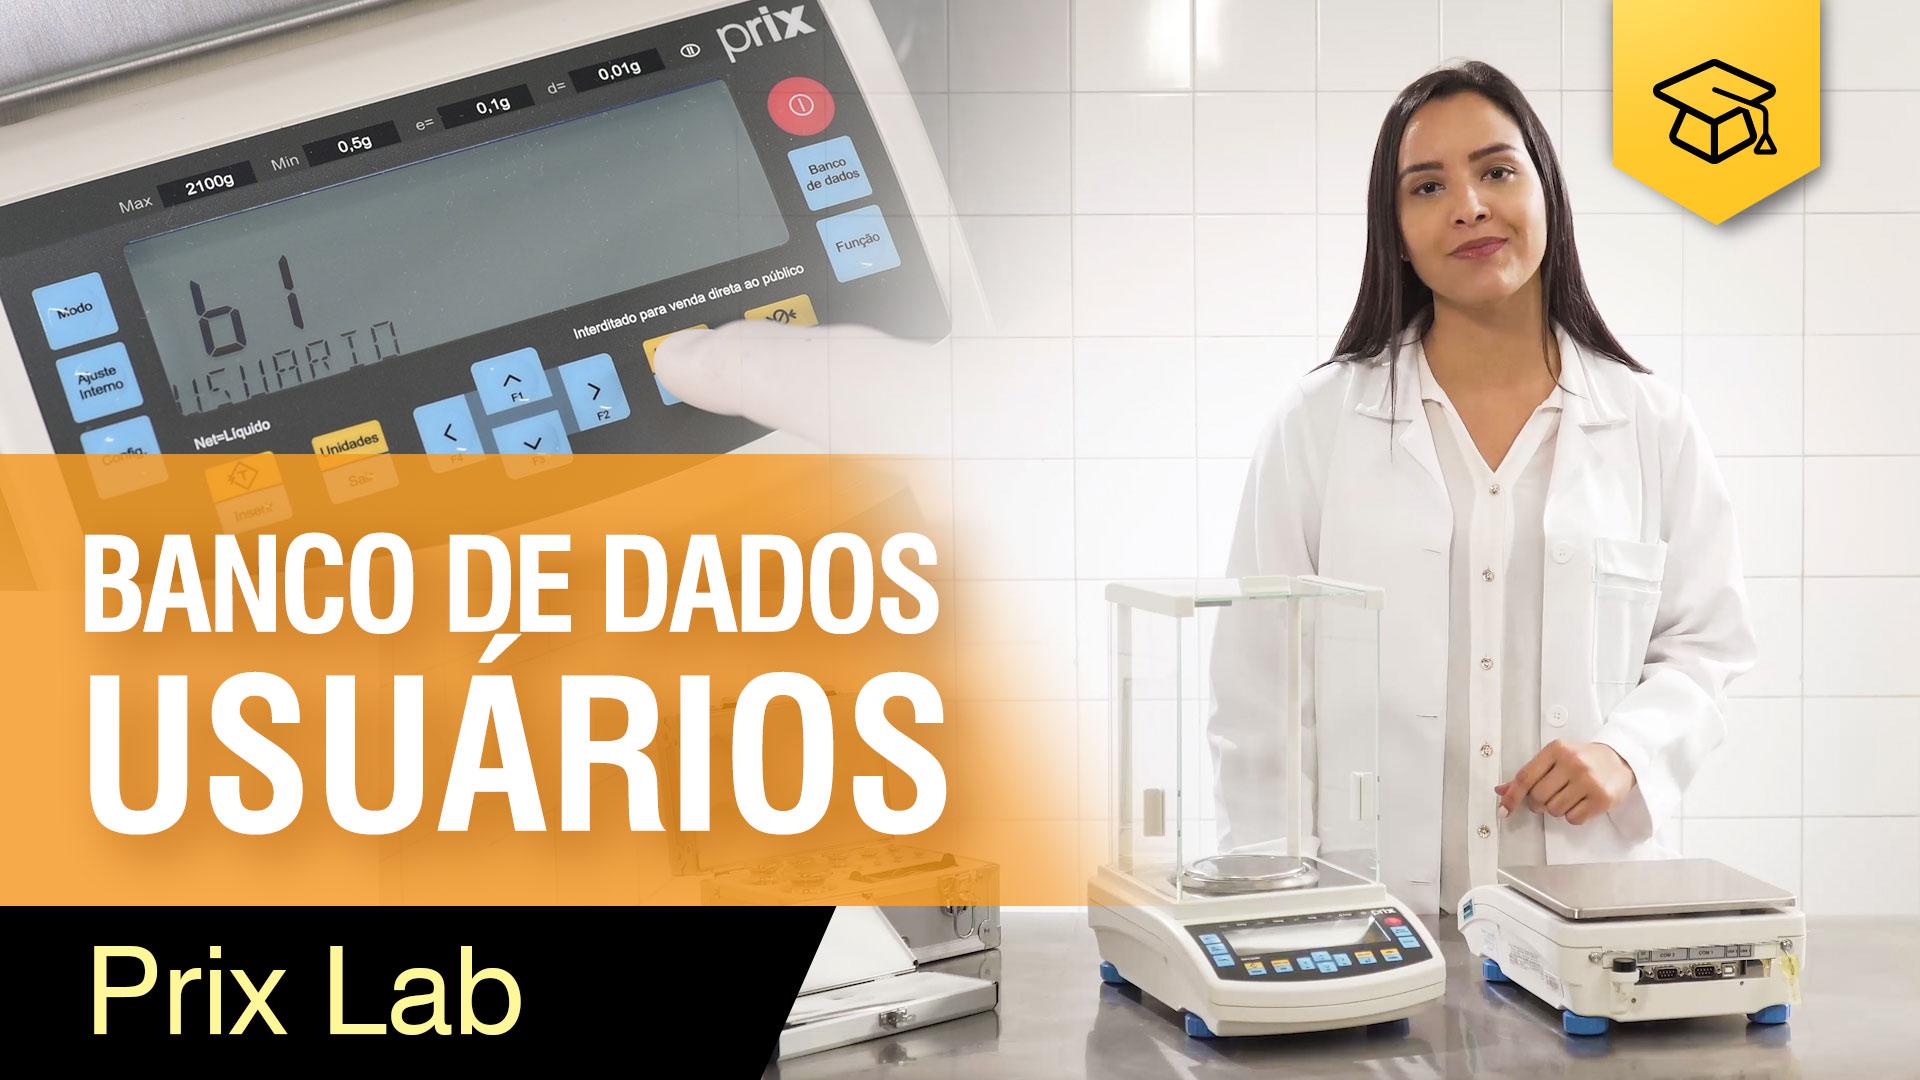 Banco de Dados (Usuário) - Prix Lab